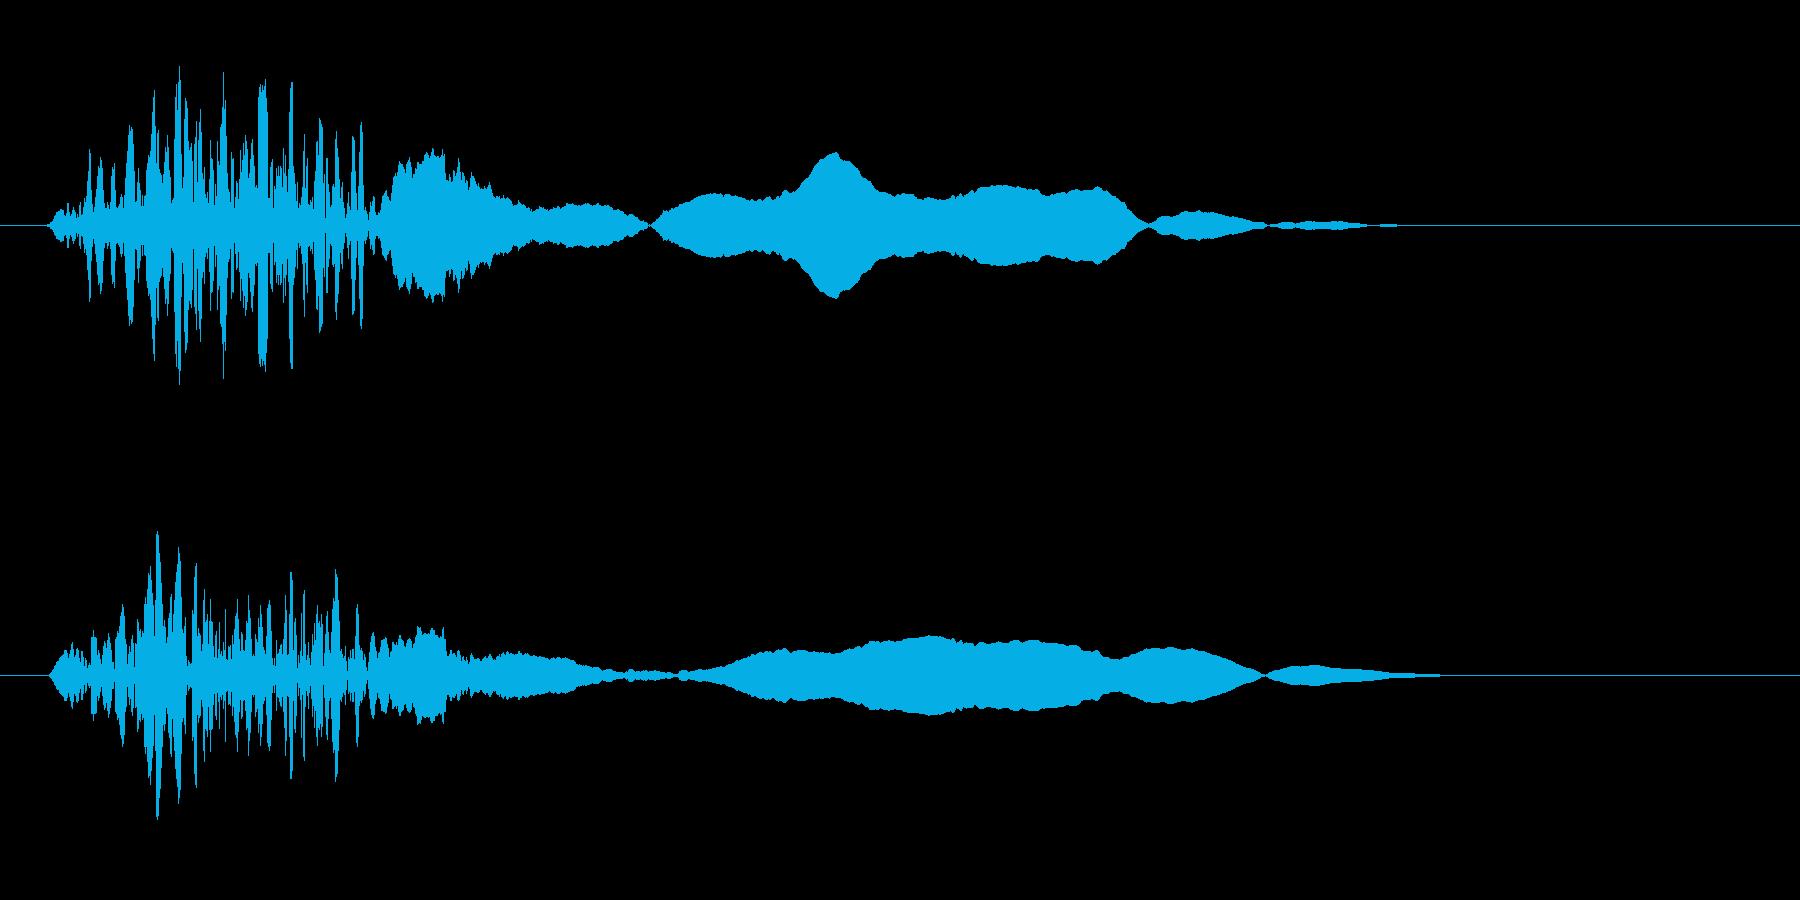 ざっ(勢いよく空気を切り裂く音)の再生済みの波形